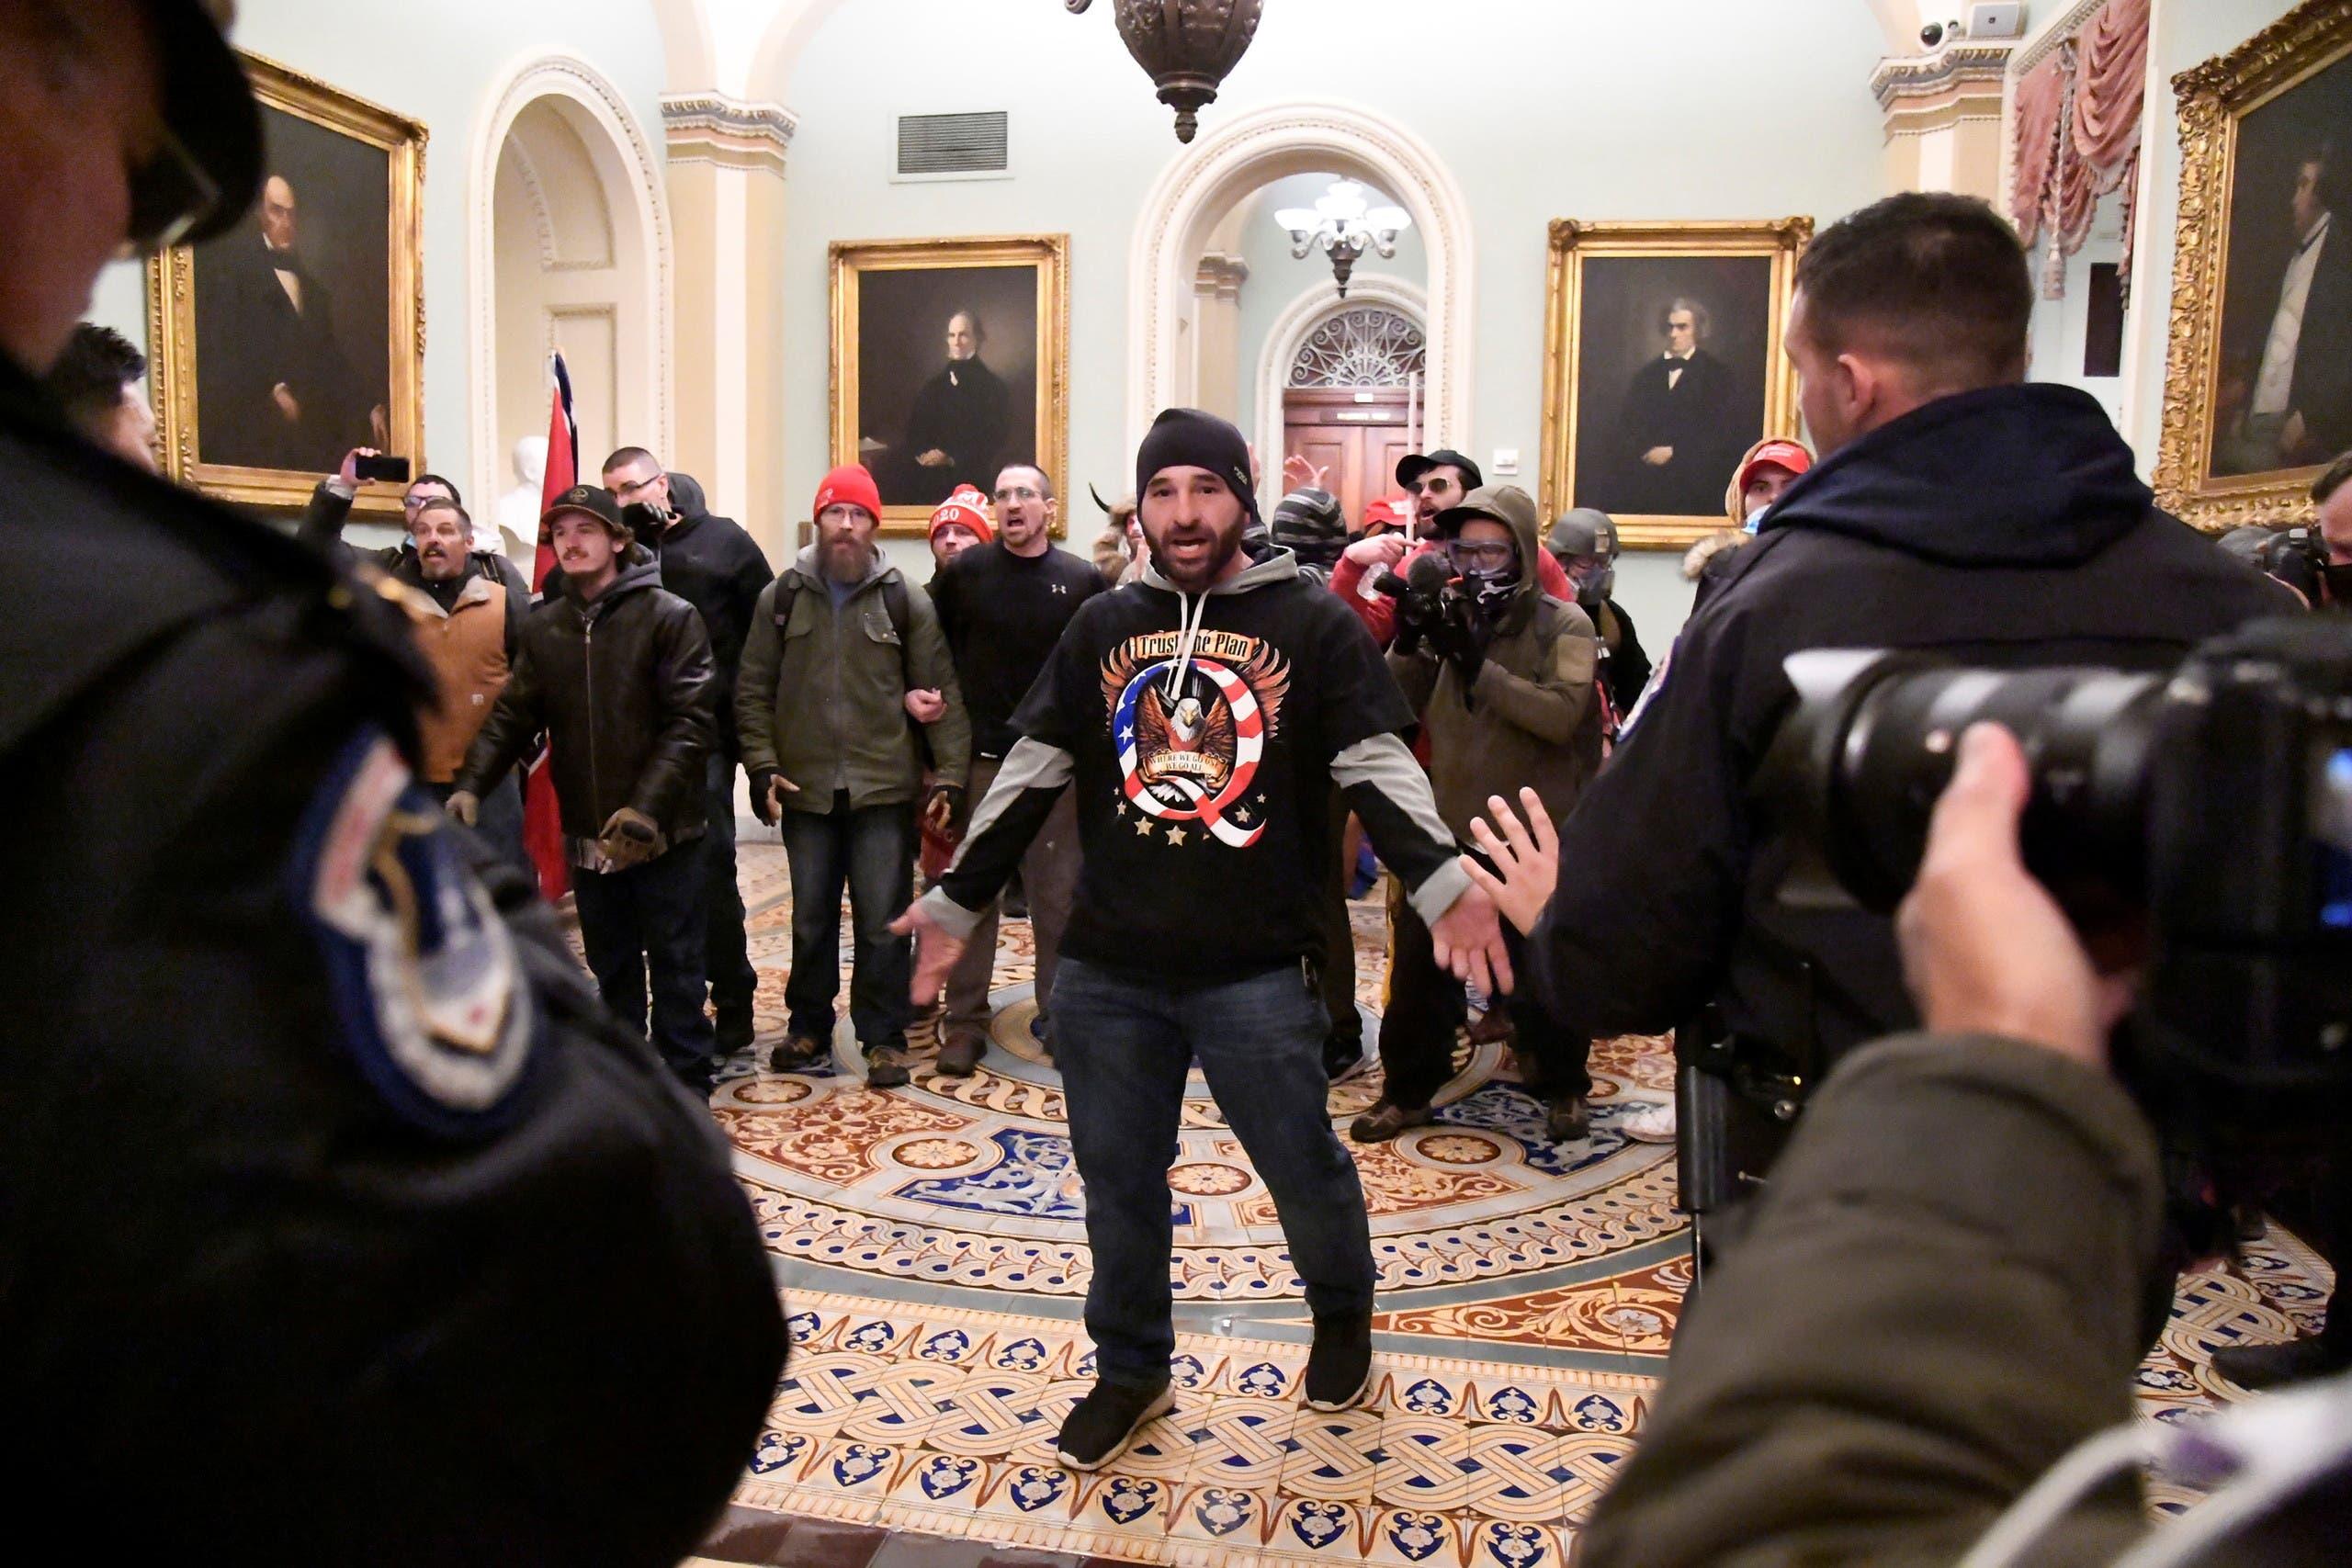 أحد مقتحمي الكونغرس يرتدي تي شيرت عليها شعار حركة كيو آنون